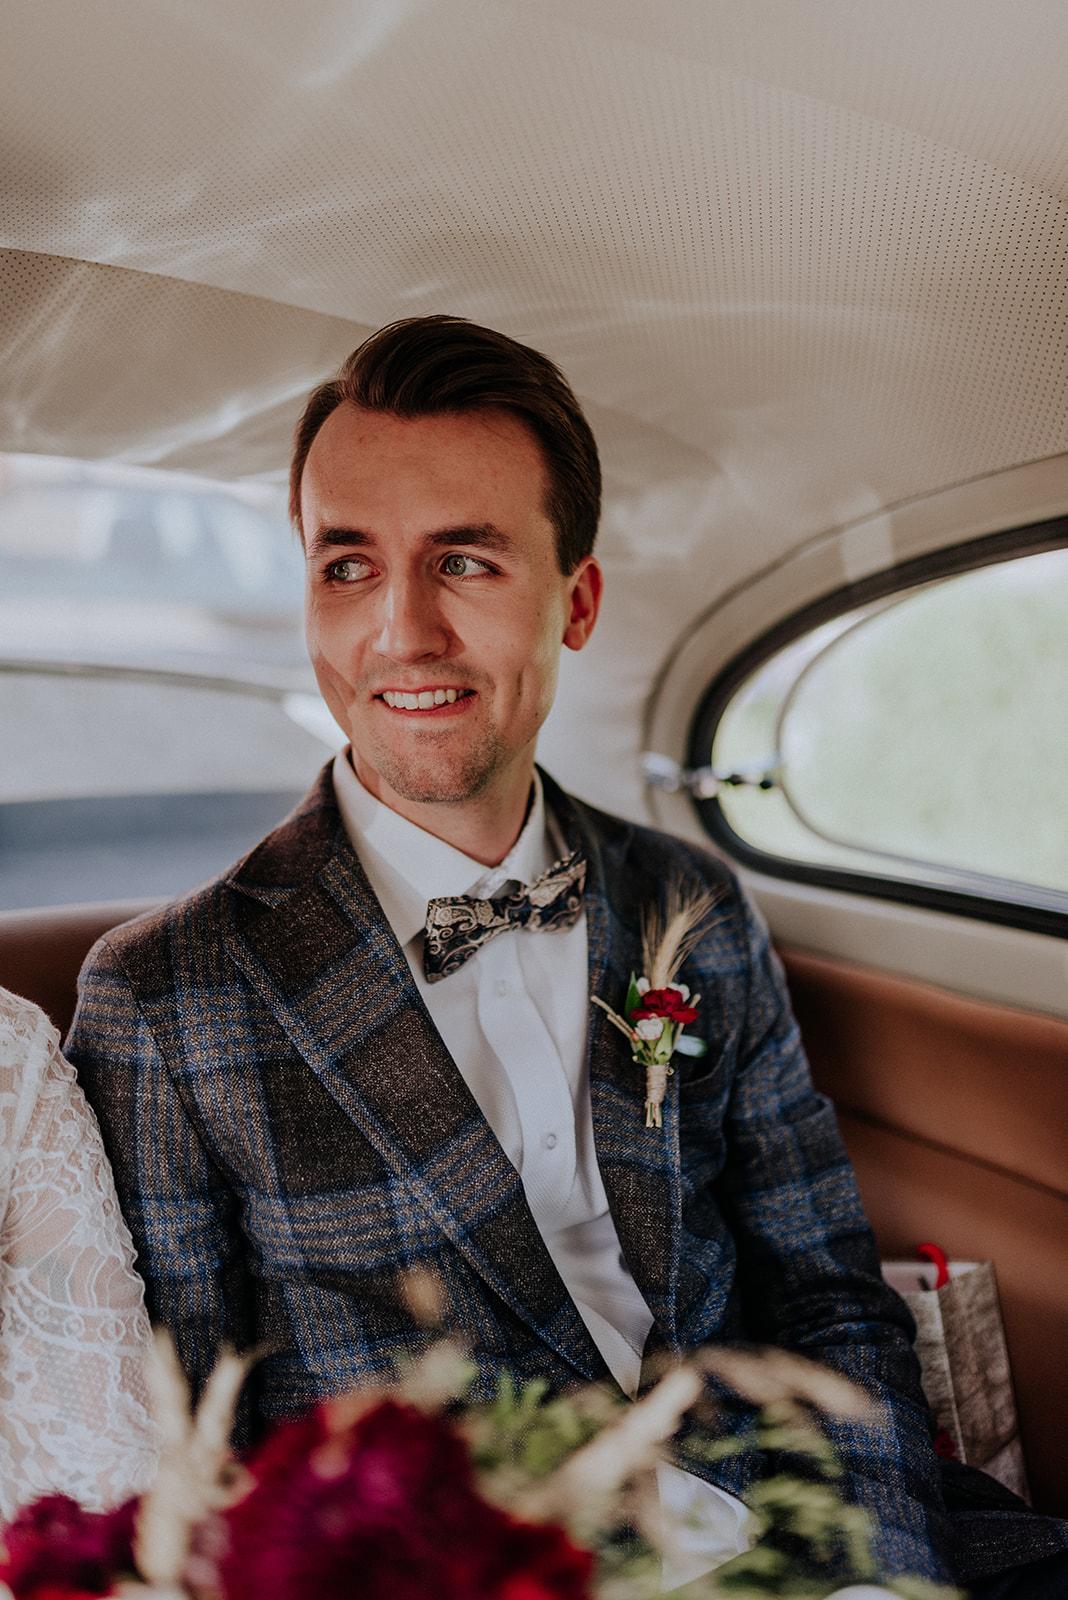 Baśniowy ślub w Tabunie | ceremonia w plenerze A+M 38 alebosco ania mateusz tabun 222